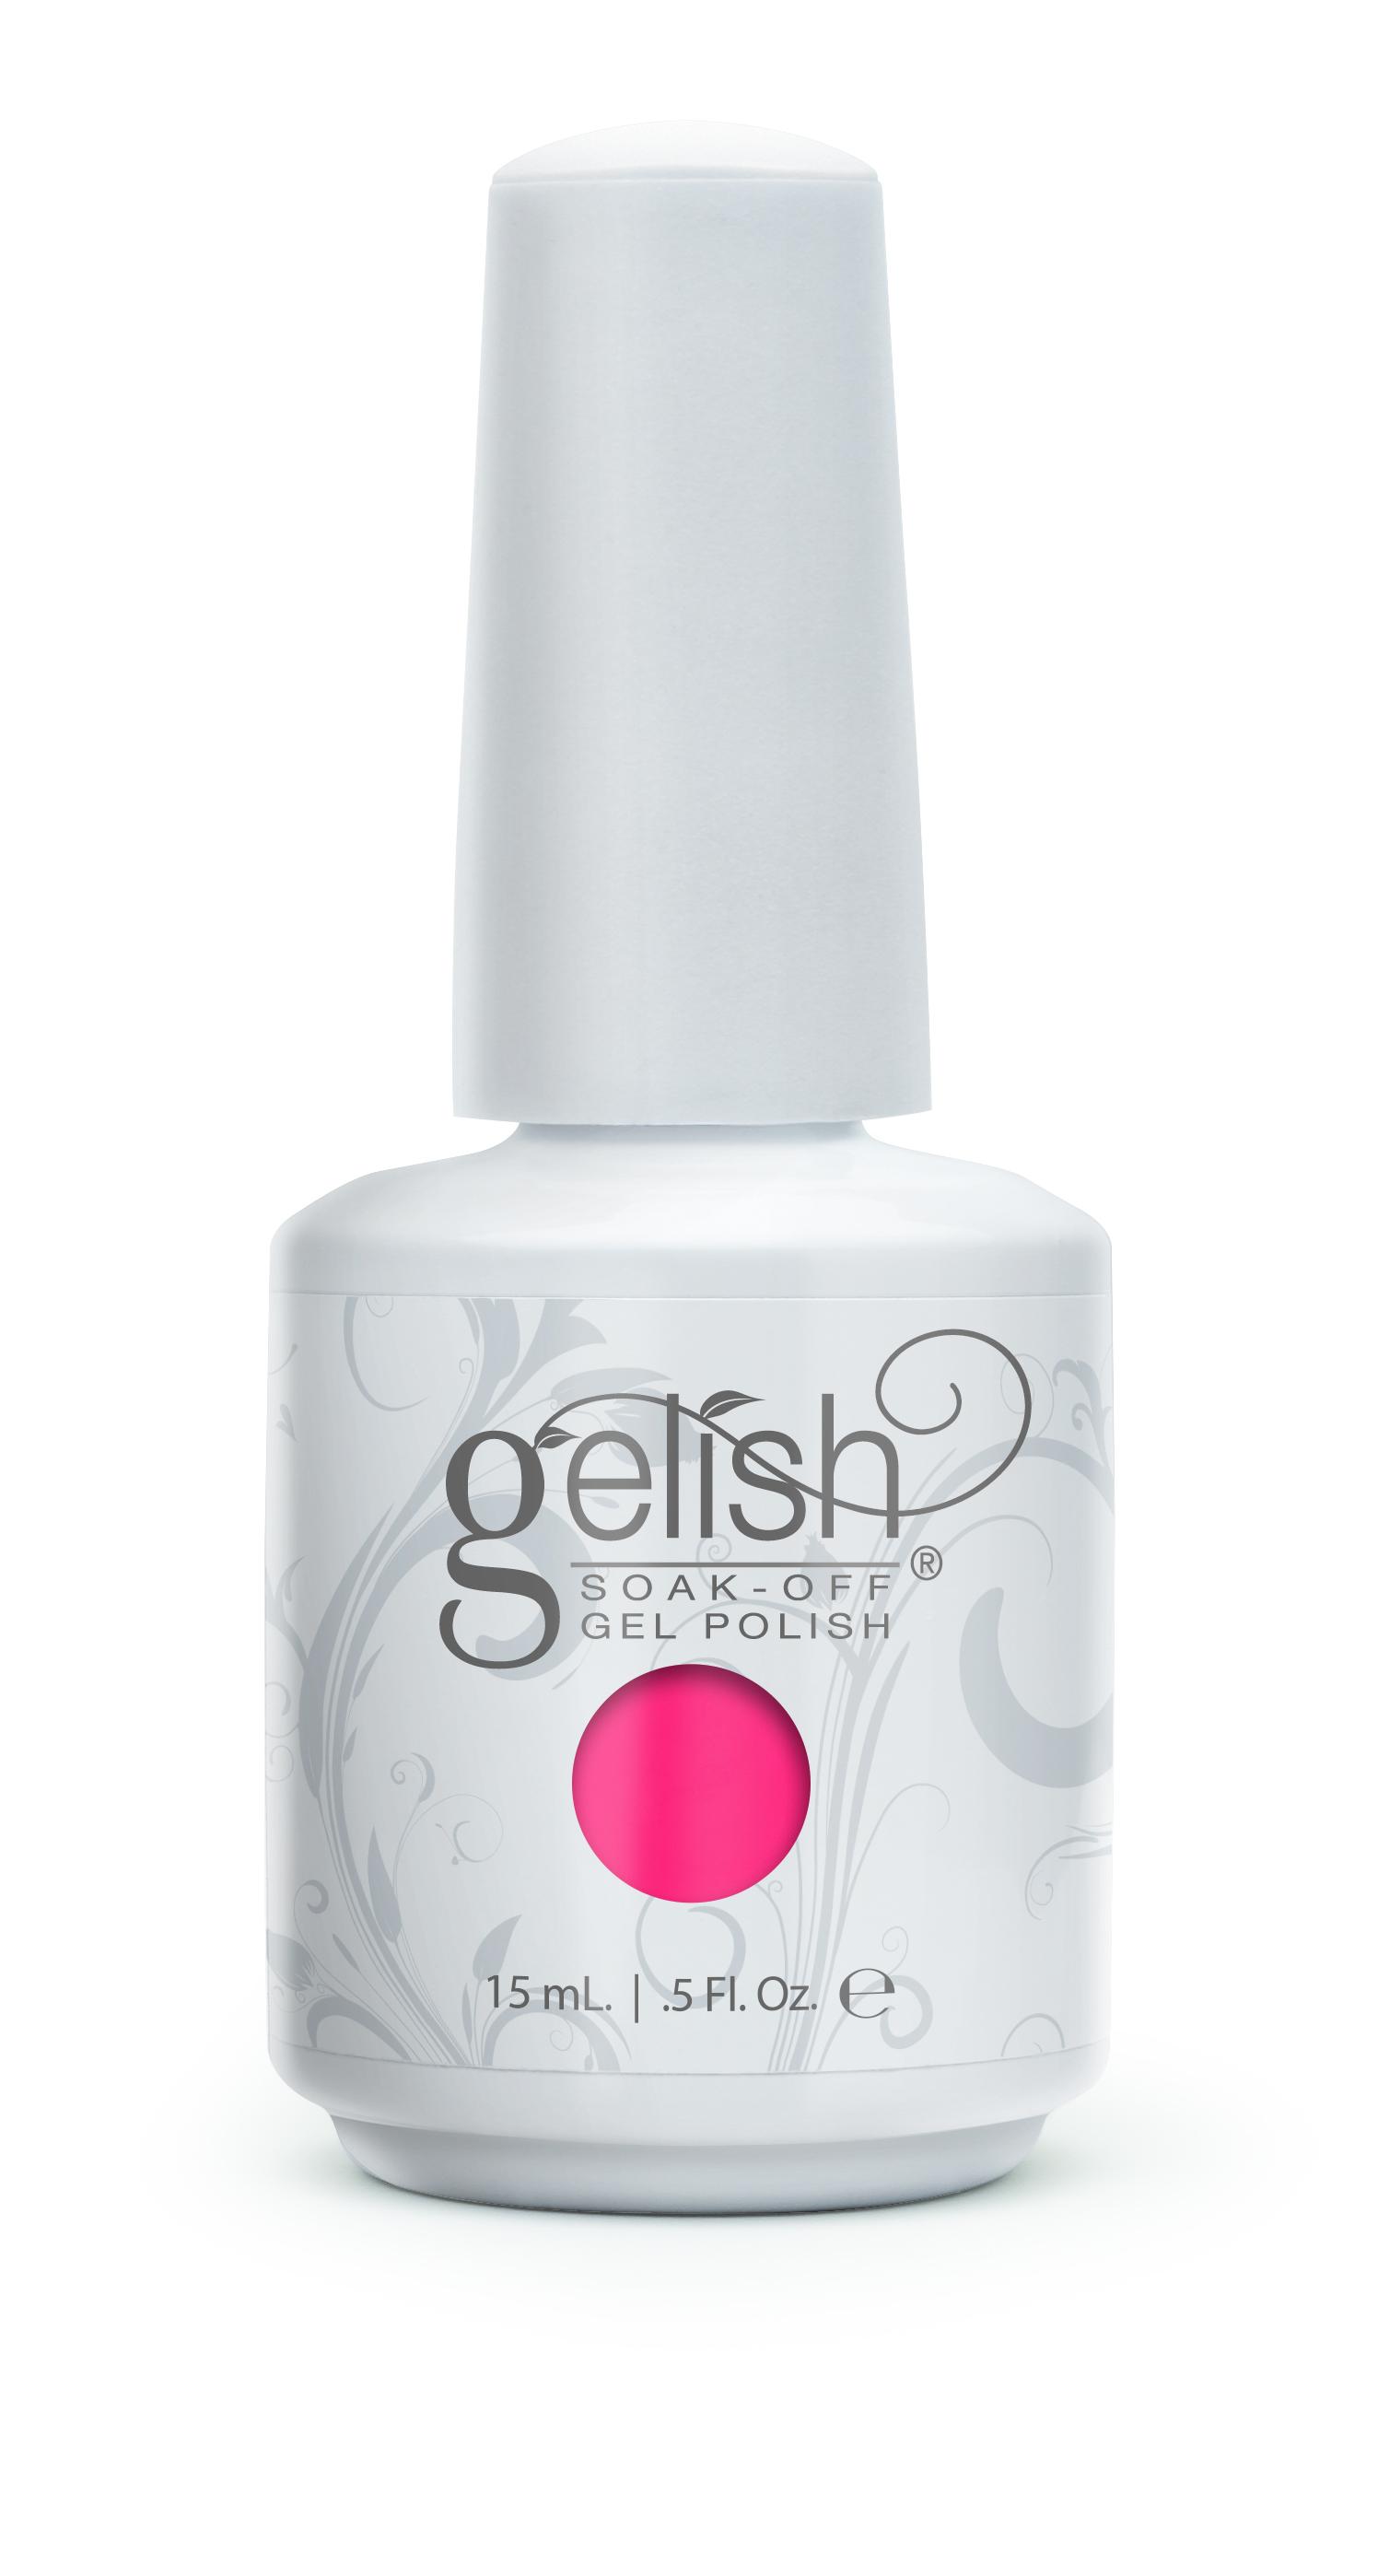 GELISH Гель-лак Watch Your Step, Sister / GELISH 15млГель-лаки<br>Гель-лак Gelish наносится на ноготь как лак, с помощью кисточки под колпачком. Процедура нанесения схожа с&amp;nbsp;нанесением обычного цветного покрытия. Все гель-лаки Harmony Gelish выполняют функцию еще и укрепляющего геля, делая ногти более прочными и длинными. Ногти клиента находятся под защитой гель-лака, они не ломаются и не расслаиваются. Гель-лаки Gelish после сушки в LED или УФ лампах держатся на натуральных ногтях рук до 3 недель, а на ногтях ног до 5 недель. Способ применения: Подготовительный этап. Для начала нужно сделать маникюр. В зависимости от ваших предпочтений это может быть европейский, классический обрезной, СПА или аппаратный маникюр. Главное, сдвинуть кутикулу с ногтевого ложа и удалить ороговевшие участки кожи вокруг ногтей. Особенностью этой системы является то, что перед нанесением базового слоя необходимо обработать ноготь шлифовочным бафом Harmony Buffer 100/180 грит, для того, чтобы снять глянец. Это поможет улучшить сцепку покрытия с ногтем. Пыль, которая осталась после опила, излишки жира и влаги удаляются с помощью обезжиривателя Бондер / GELISH pH Bond 15&amp;nbsp;мл или любого другого дегитратора. Нанесение искусственного покрытия Harmony.&amp;nbsp; После того, как подготовительные процедуры завершены, можно приступать непосредственно к нанесению искусственного покрытия Harmony Gelish. Как и все гелевые лаки, продукцию этого бренда необходимо полимеризовать в лампе. Гель-лаки Gelish сохнут (полимеризуются) под LED или УФ лампой. Время полимеризации: В LED лампе 18G/6G = 30 секунд В LED лампе Gelish Mini Pro = 45 секунд В УФ лампах 36 Вт = 120 секунд В УФ лампе Harmony Mini Portable UV Light = 180 секунд ПРИМЕЧАНИЕ: подвергать полимеризации необходимо каждый слой гель-лакового покрытия! 1)Первым наносится тонкий слой базового покрытия Gelish Foundation Soak Off Base Gel 15 мл. 2)Следующий шаг   нанесение цветного гель-лака Harmony Gelish.&amp;nbsp; 3)Заключительный эт